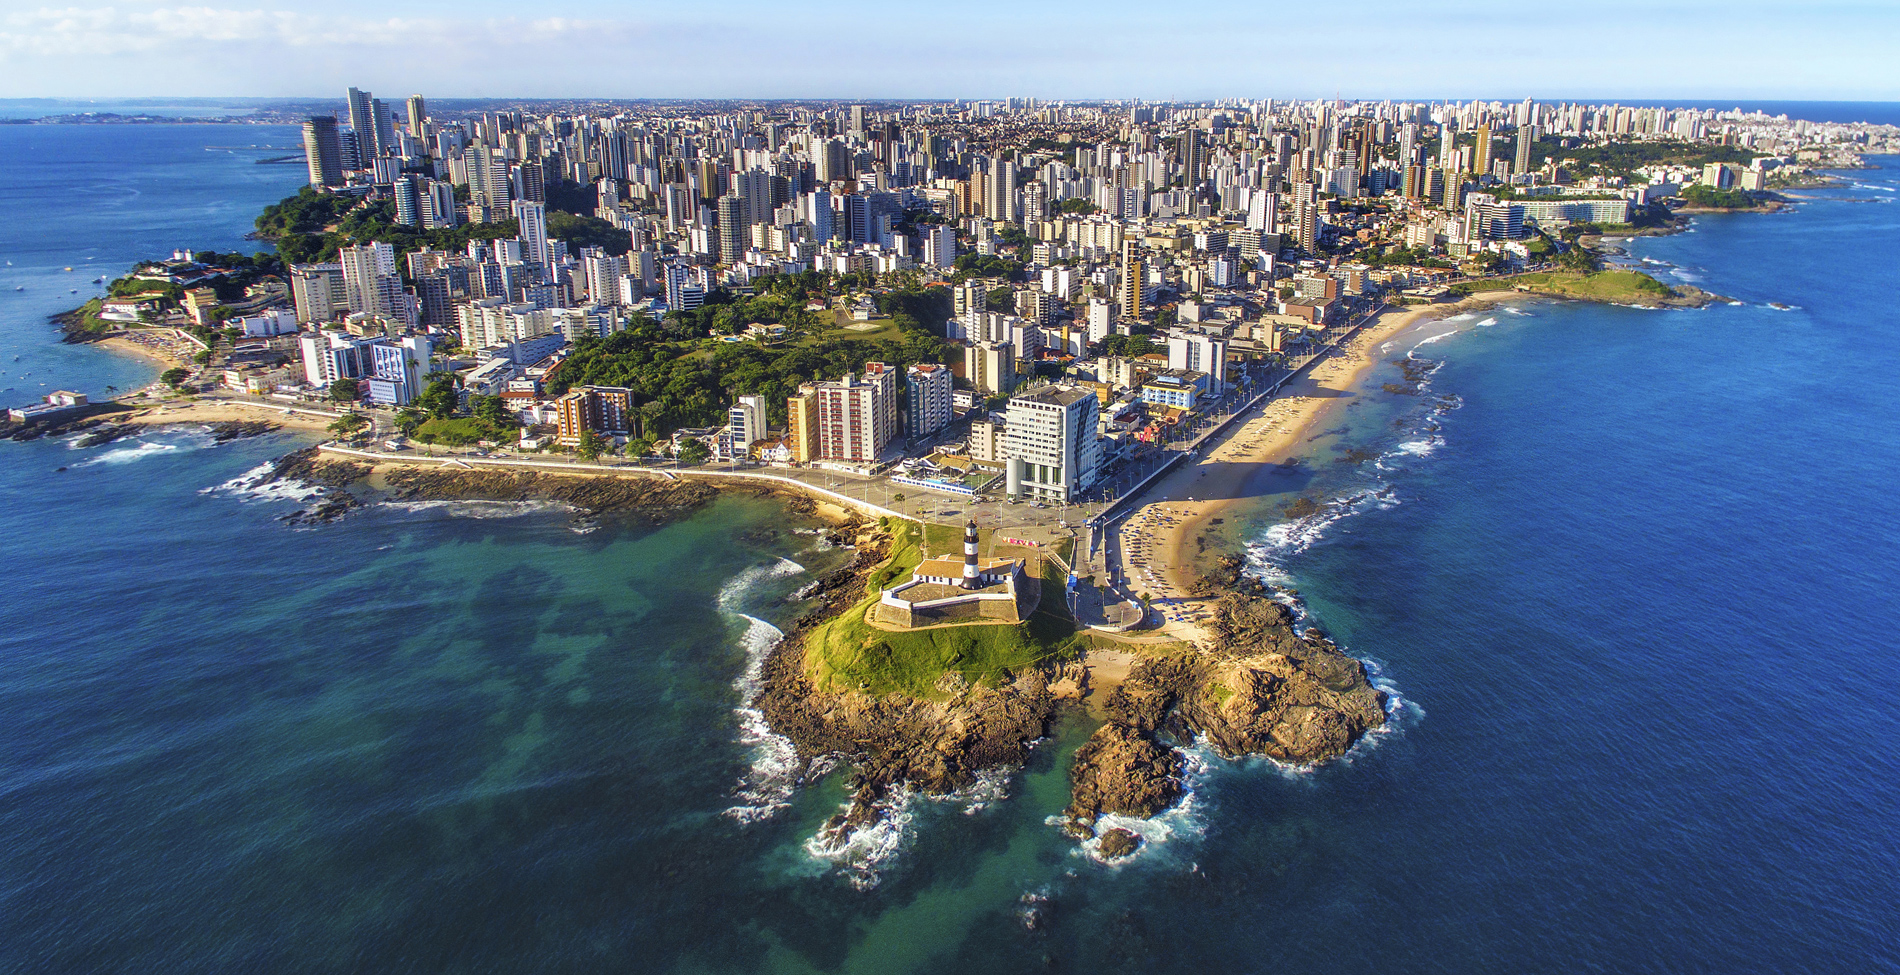 χώρα που χρονολογείται τοποθεσίες Ταχύτητα dating Τύνιδα